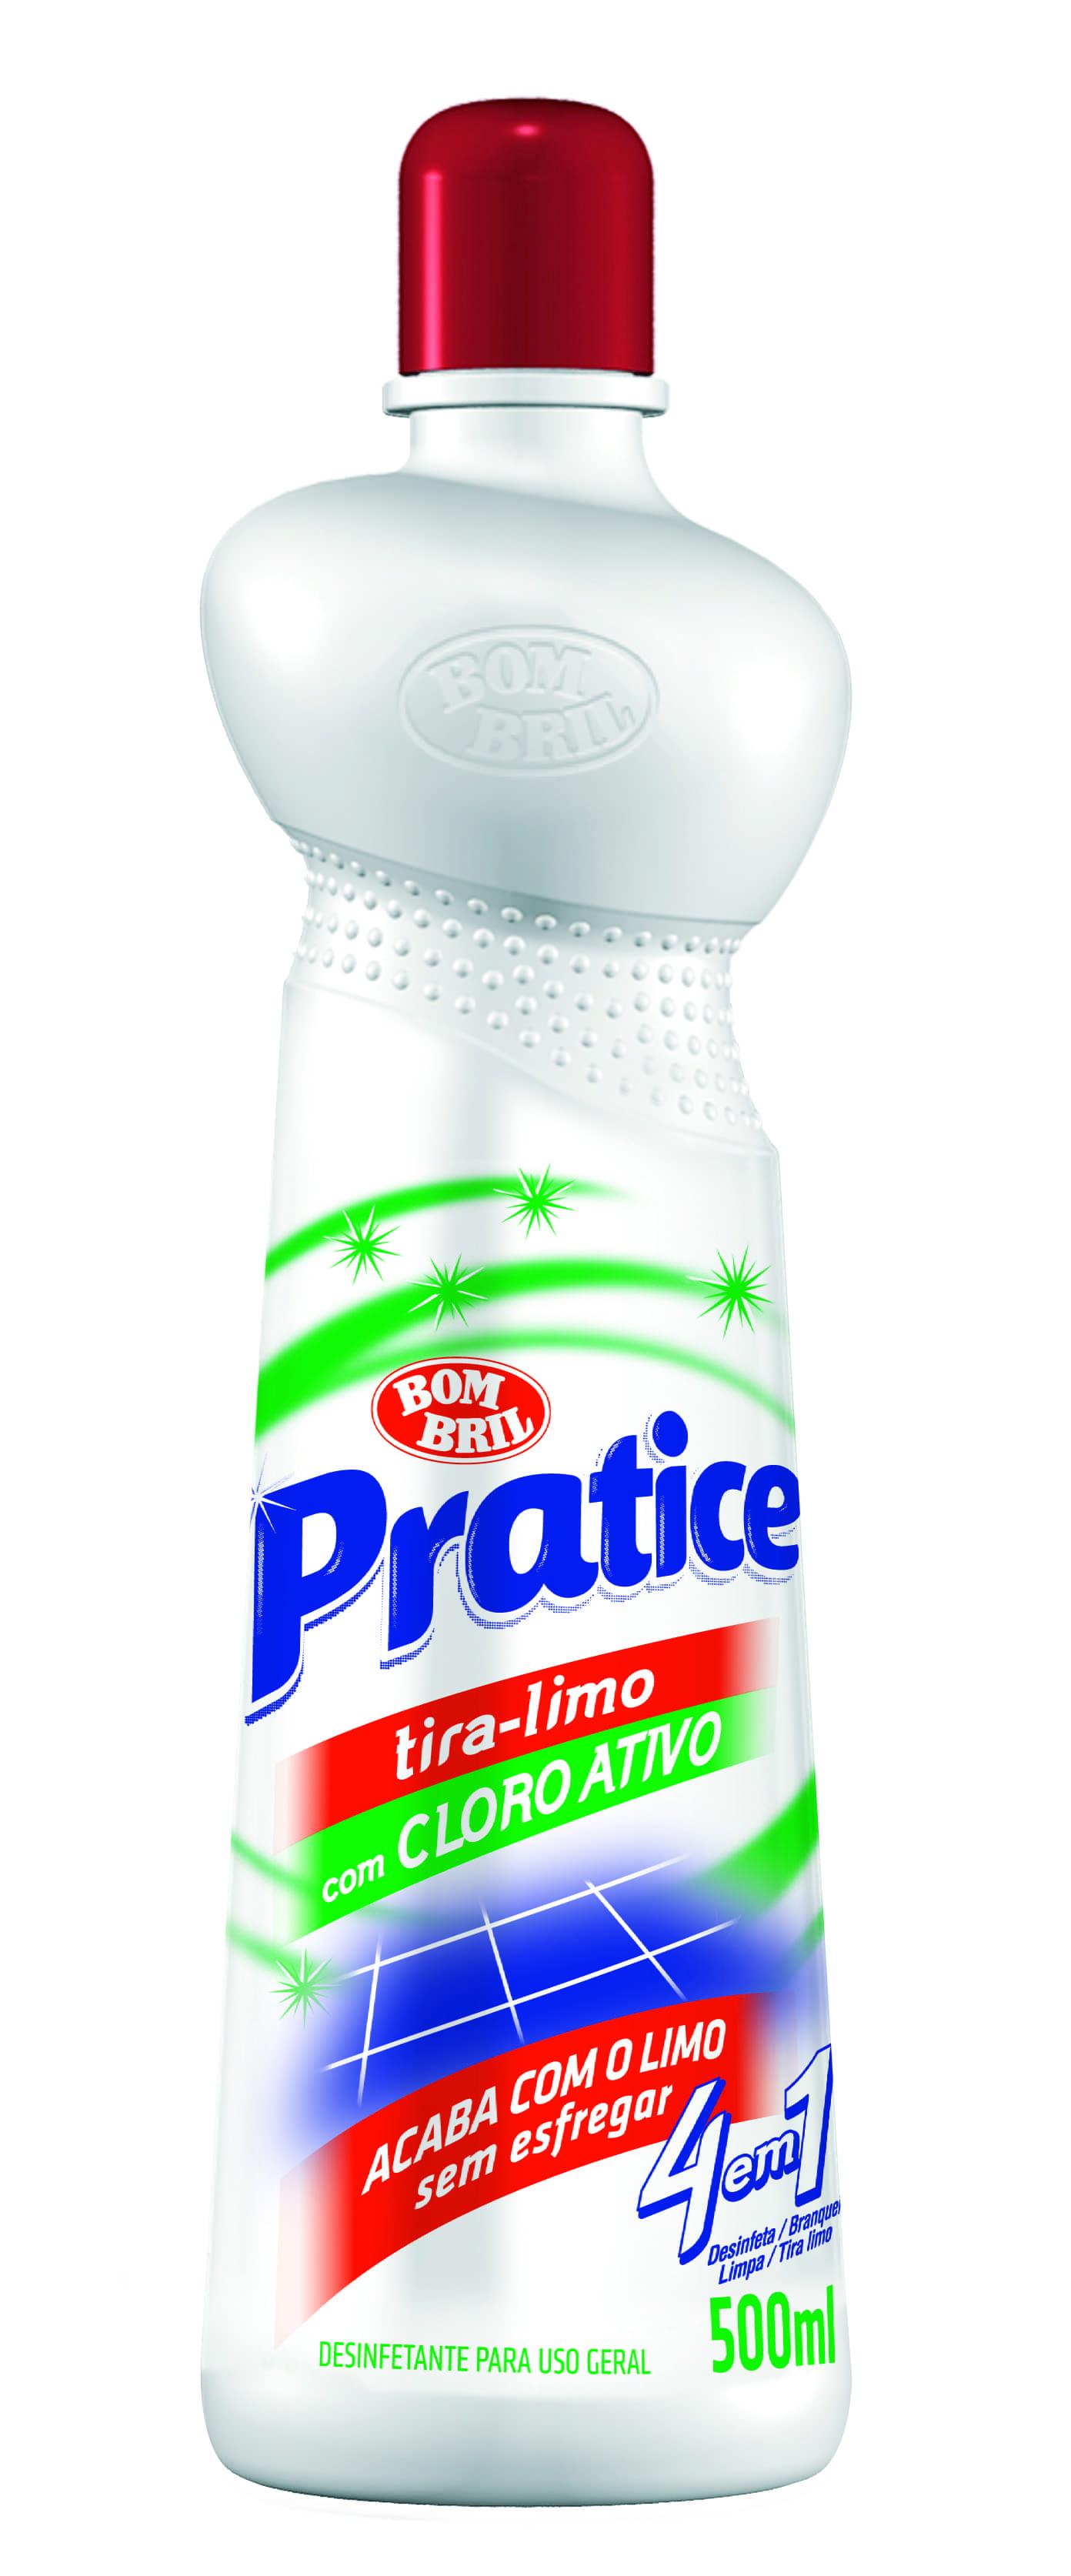 Pratice-Tira-Limo-Cloro-Ativo